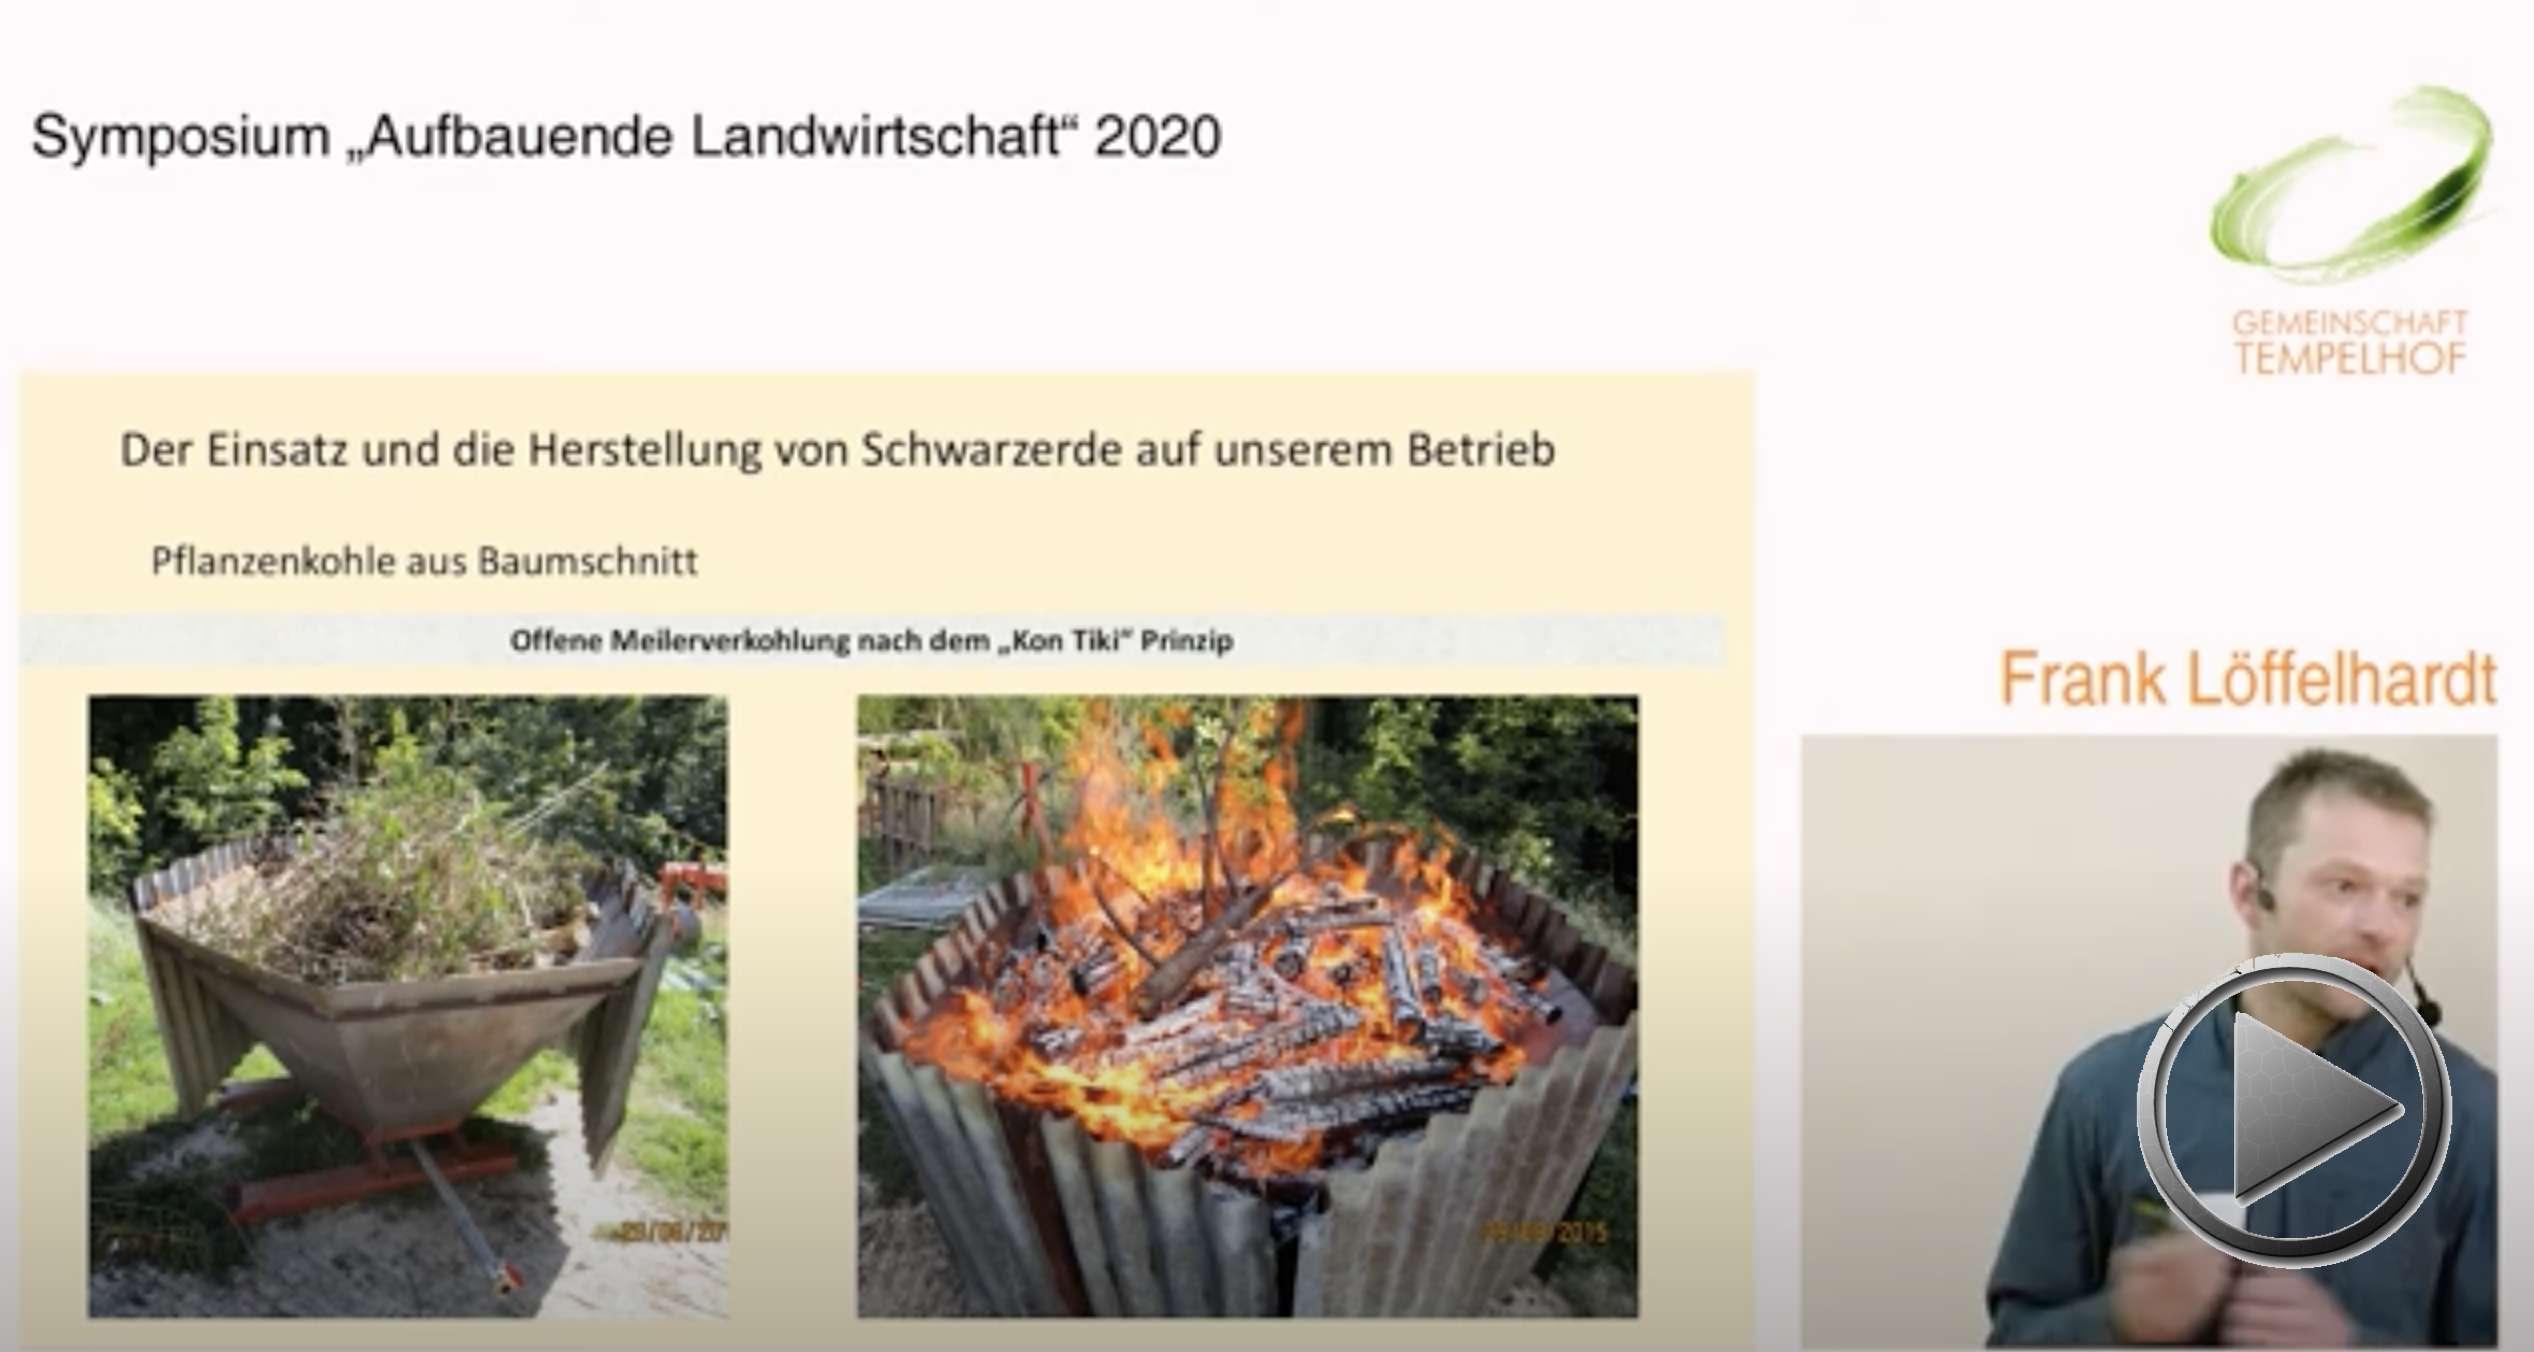 """Präsentation: Humusaufbau mit Juxer Schwarzerde. Frank Löffelhardt. Symposium """"Aufbauende Landwirtschaft"""" 2020"""